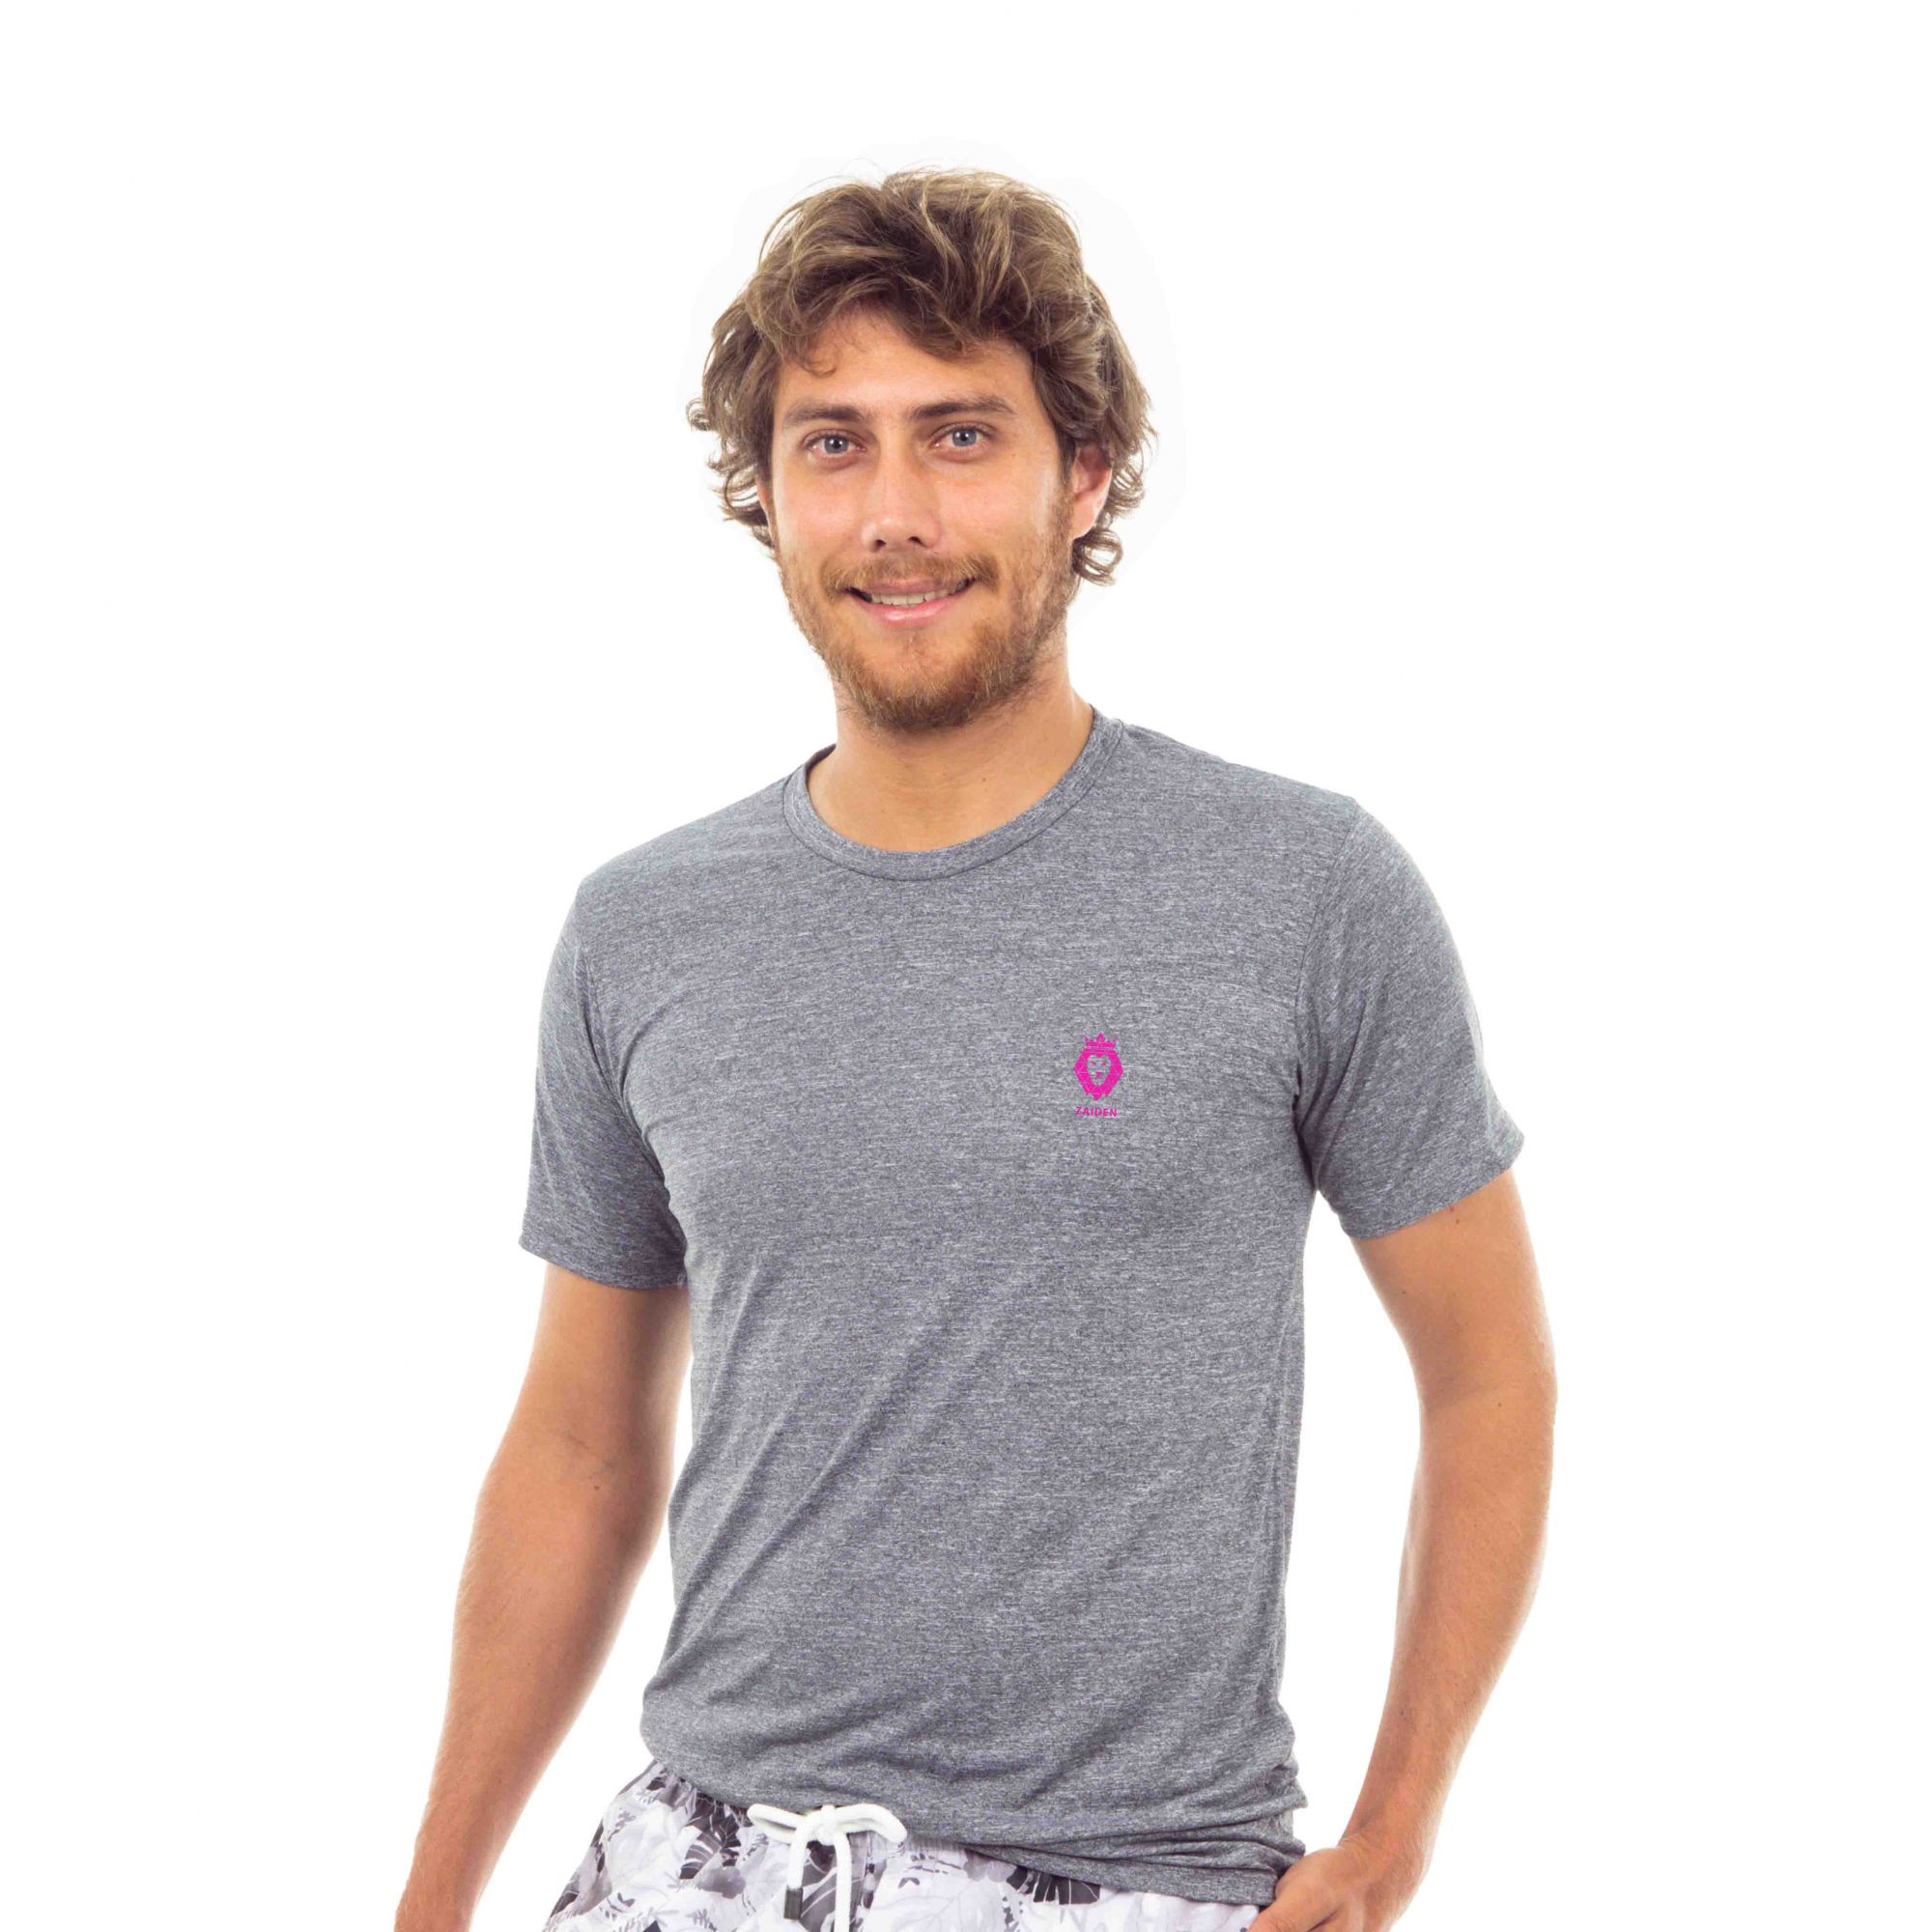 Camiseta Masculina Poliamida Zaiden Oxy Mescla Cinza Leão Pink